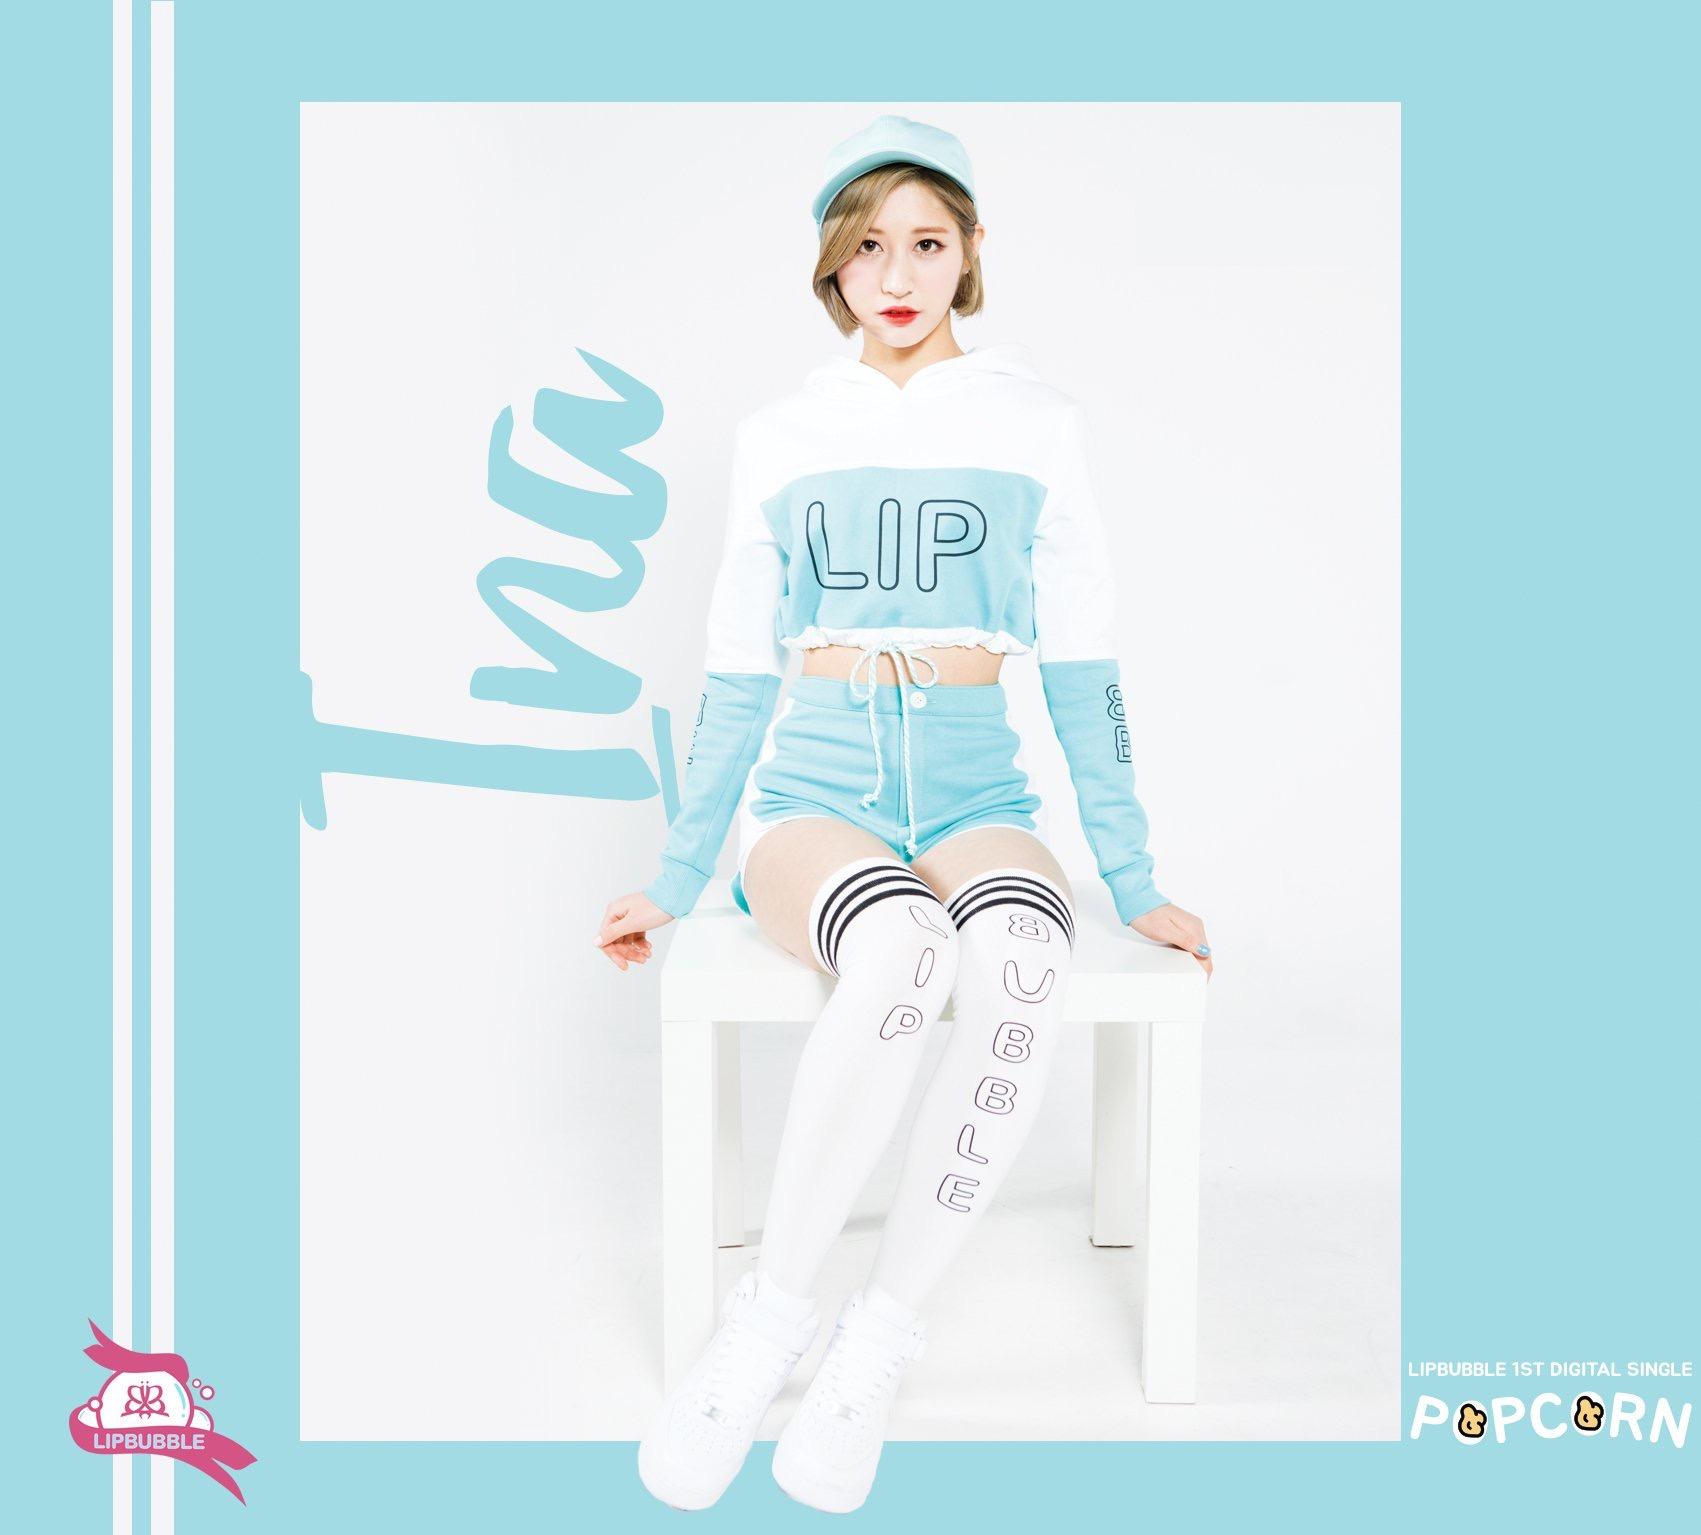 Ina profile image